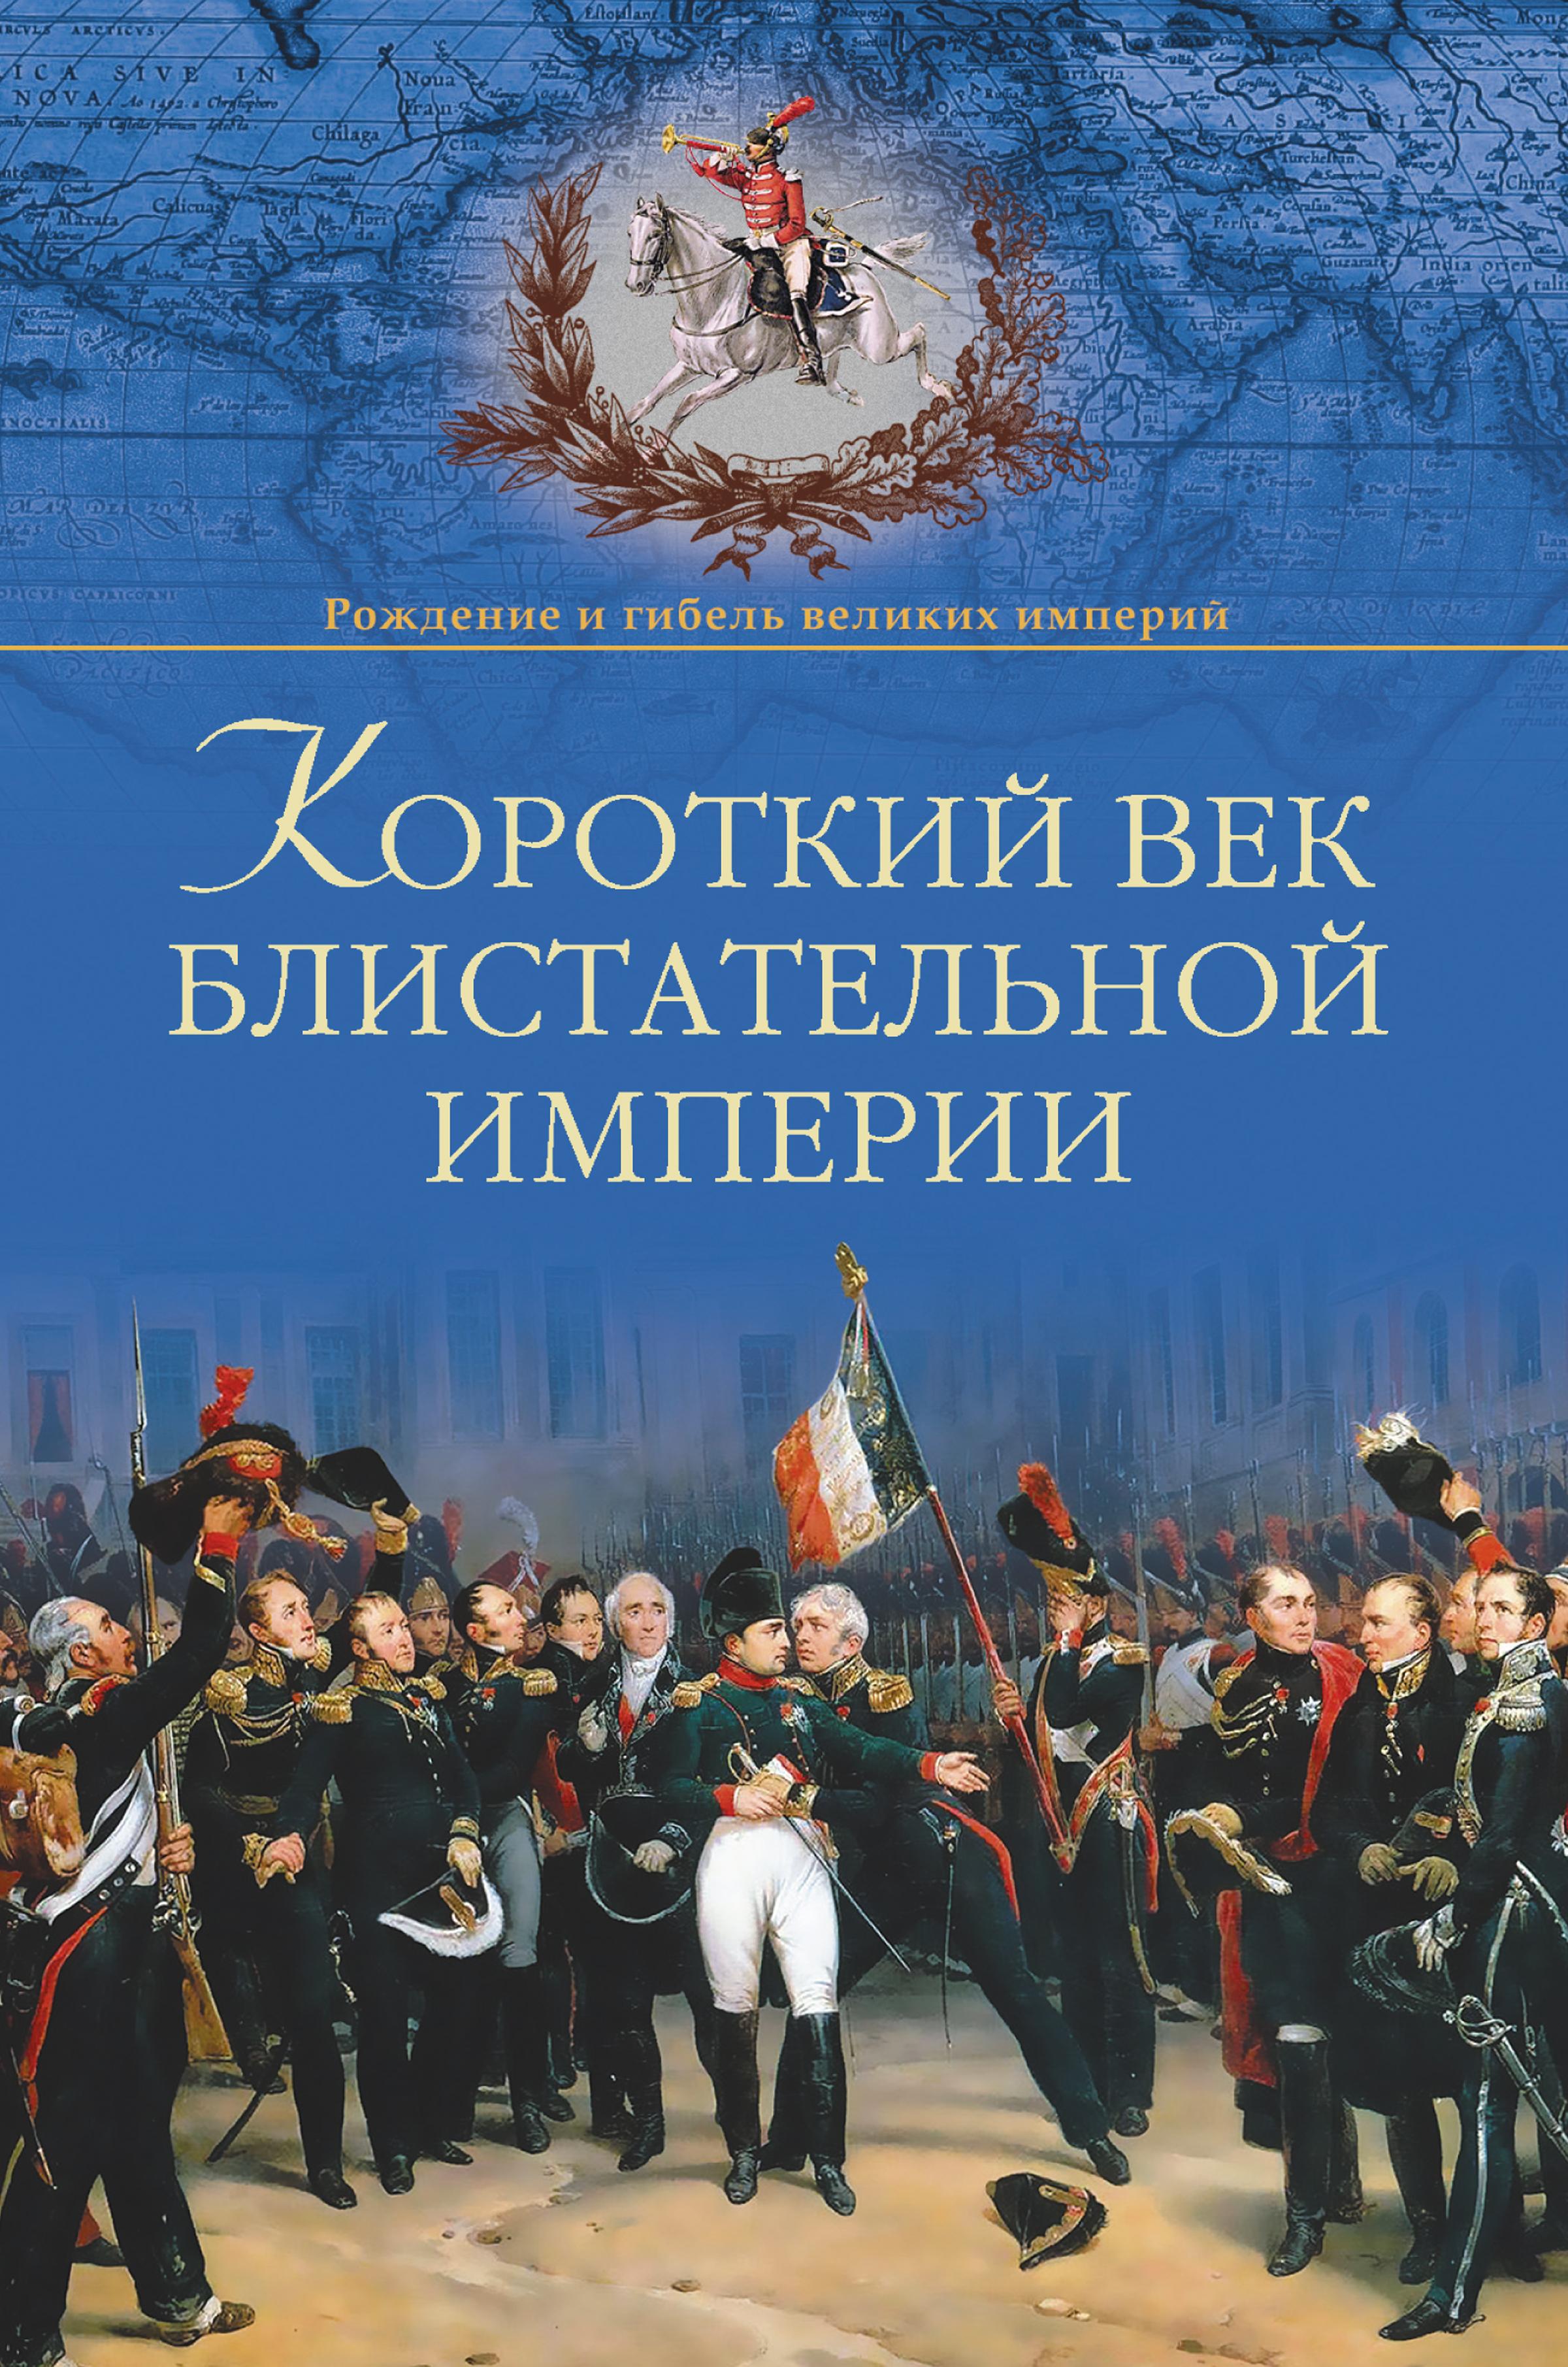 Александр Широкорад Короткий век блистательной империи промышленная политика франции во второй половине хх века